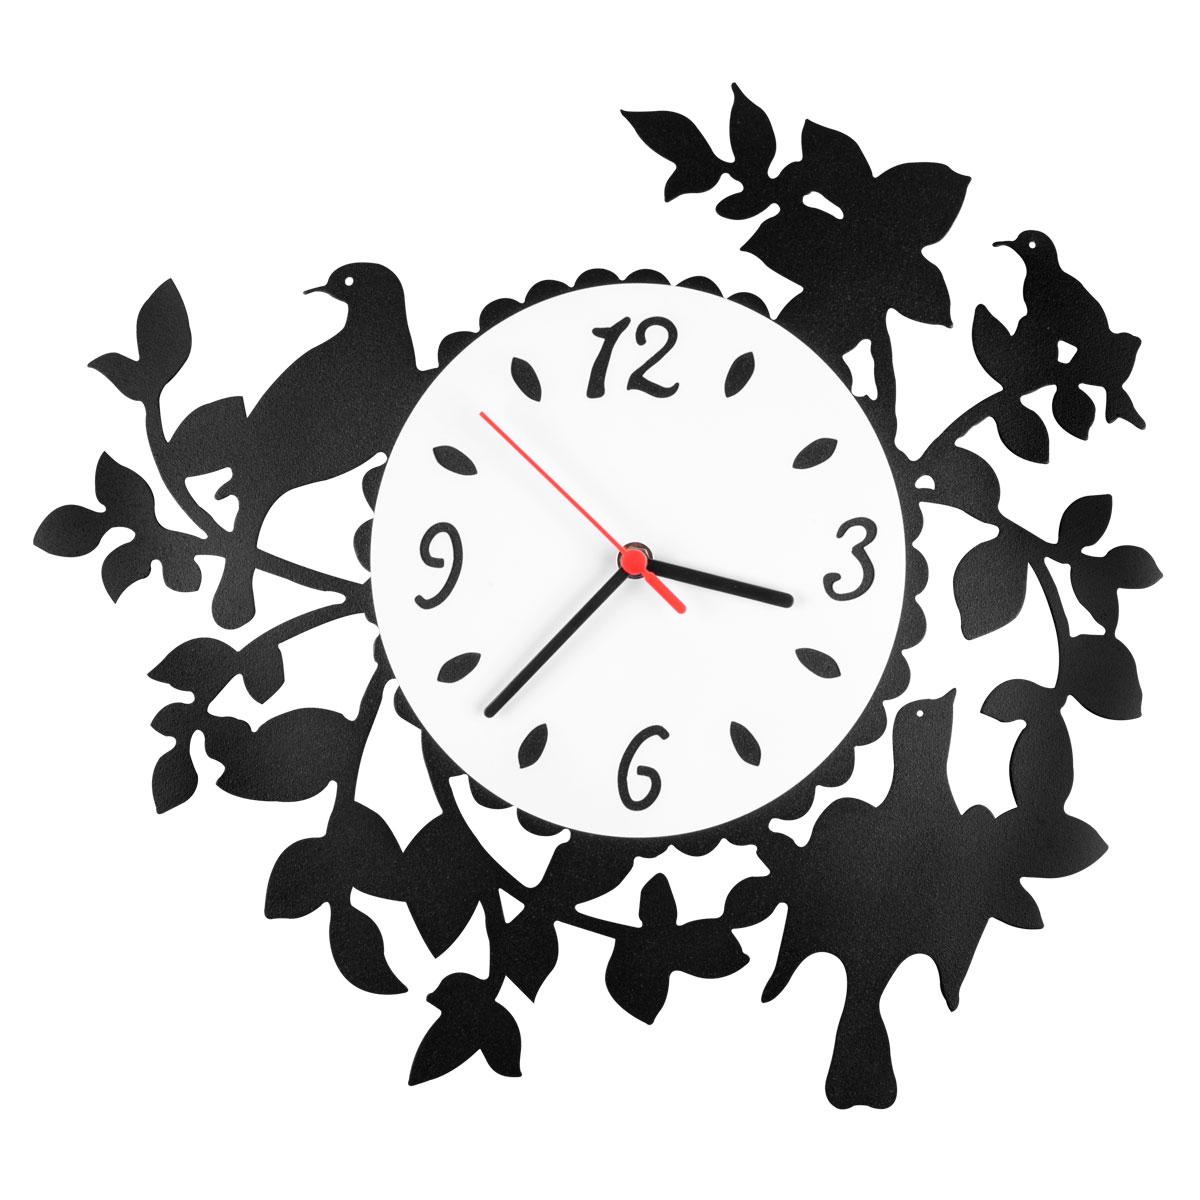 Настенные часы часы настенные белые, более 48 моделей.